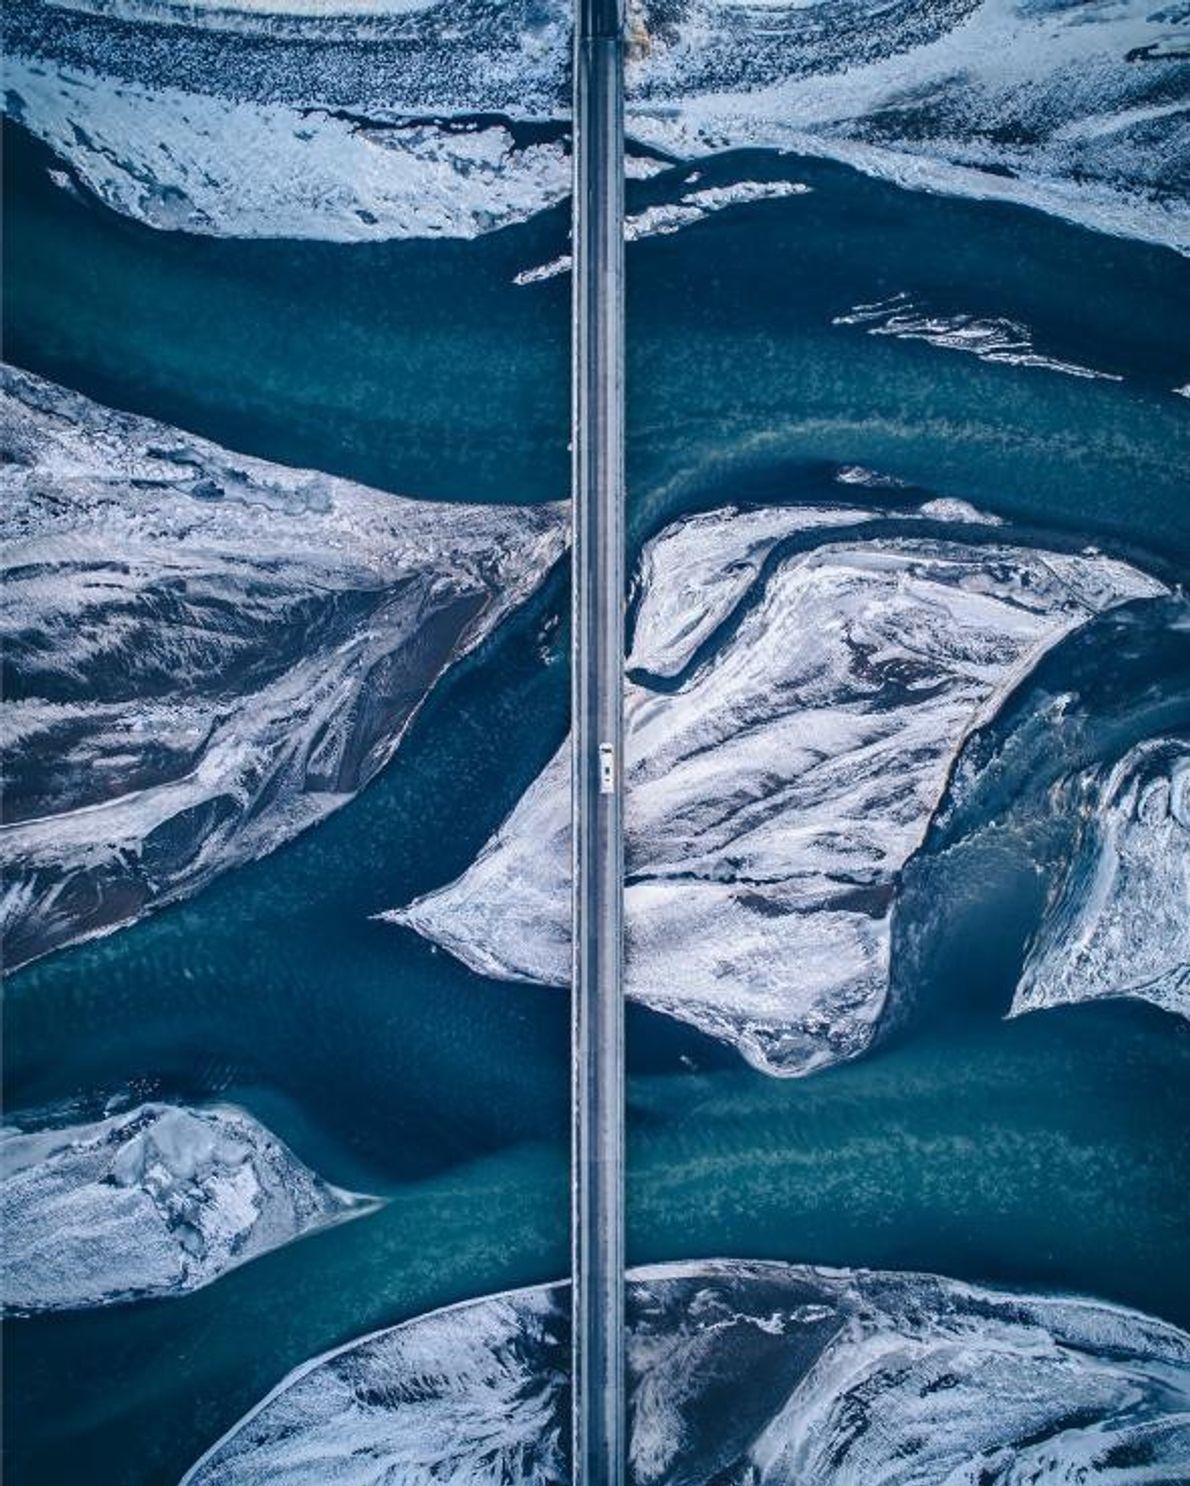 « Sur la côte sud de l'Islande, la nature contraste avec les infrastructures humaines. Voir ce ...